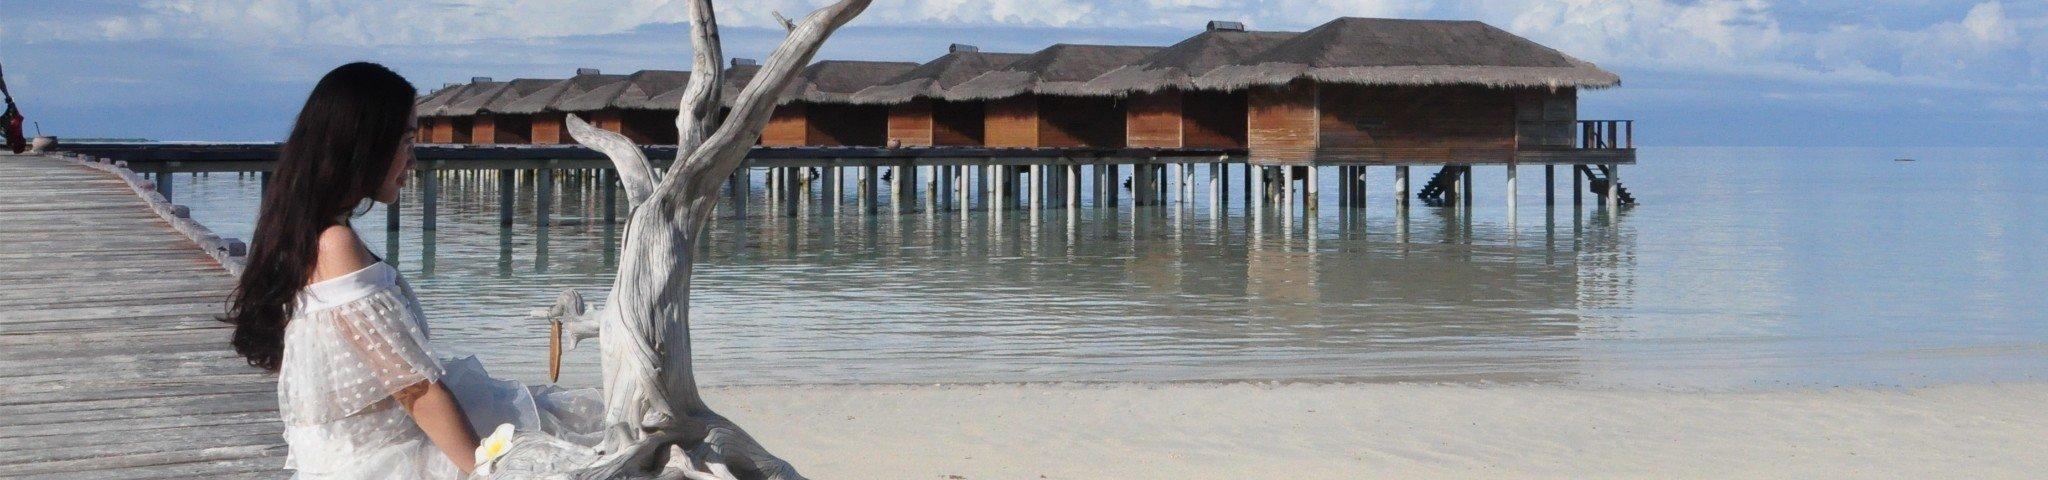 马尔代夫 一个充满甜蜜浪漫的海岛